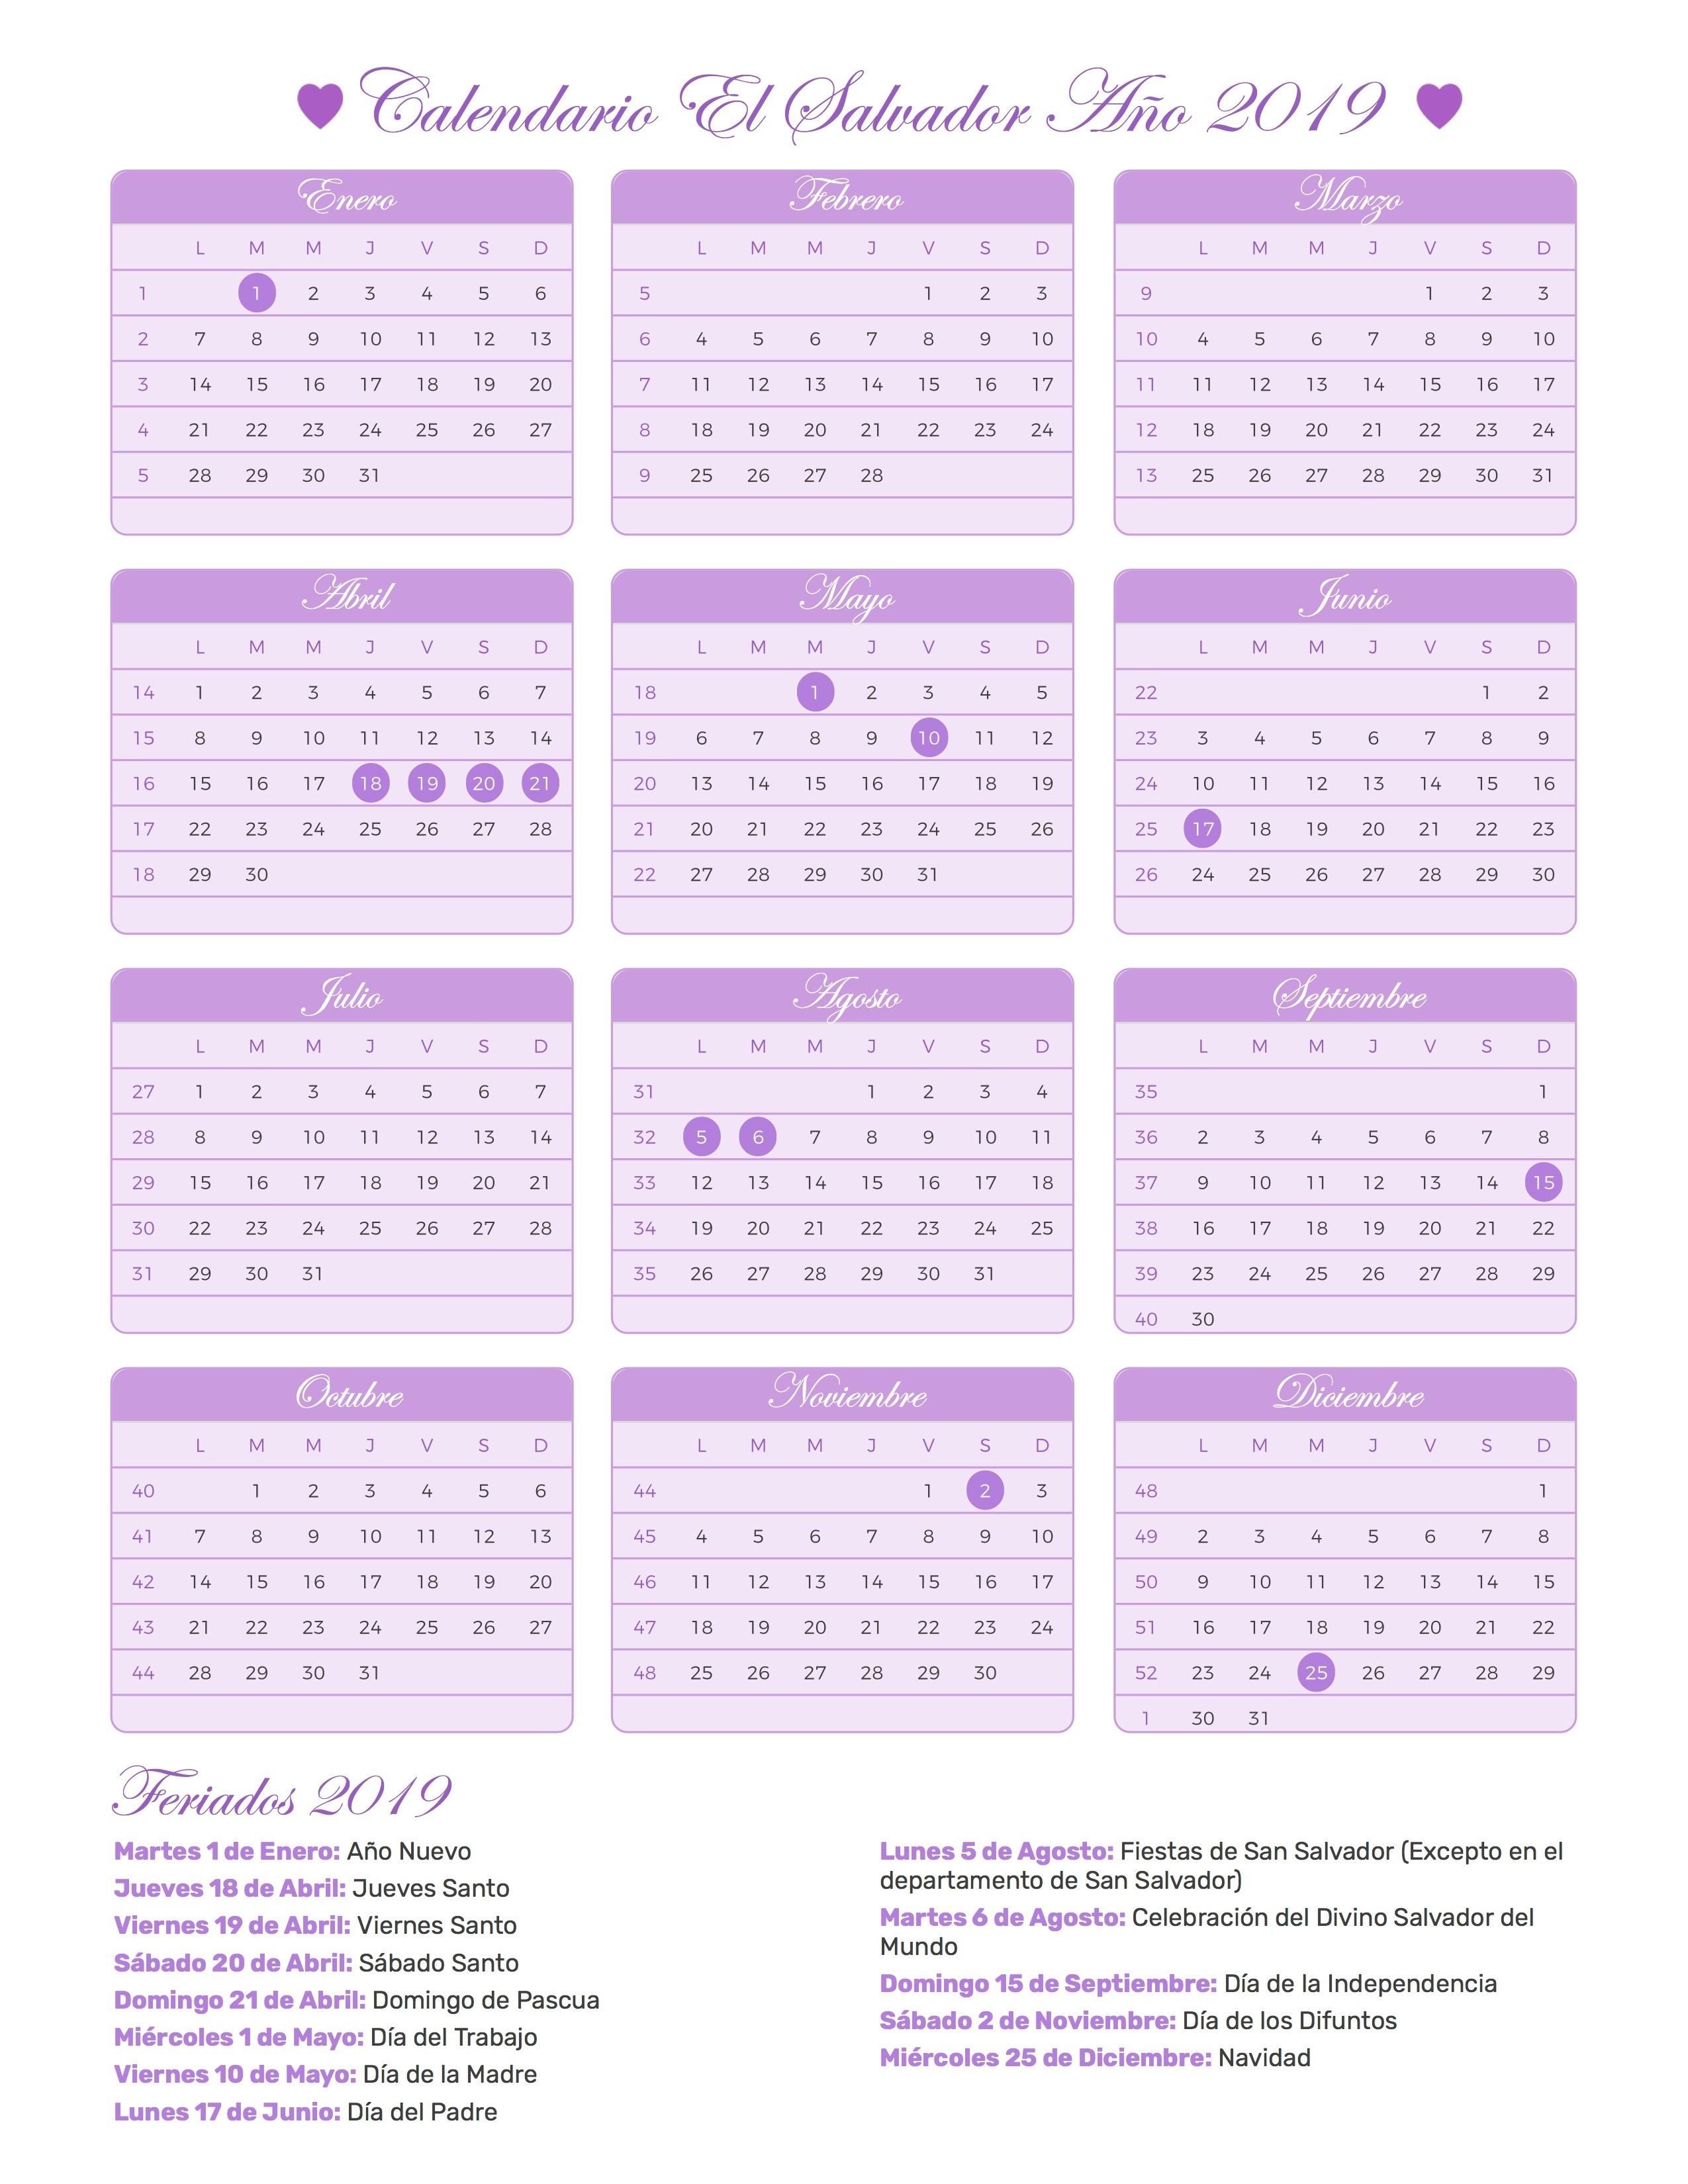 Calendario 2019 Imprimir Festivos Más Recientes Festivos 2019 Calendario Liturgico Catolico Of Calendario 2019 Imprimir Festivos Más Recientes Medios Calendario 2016 Para Imprimir Con Feriados Chile